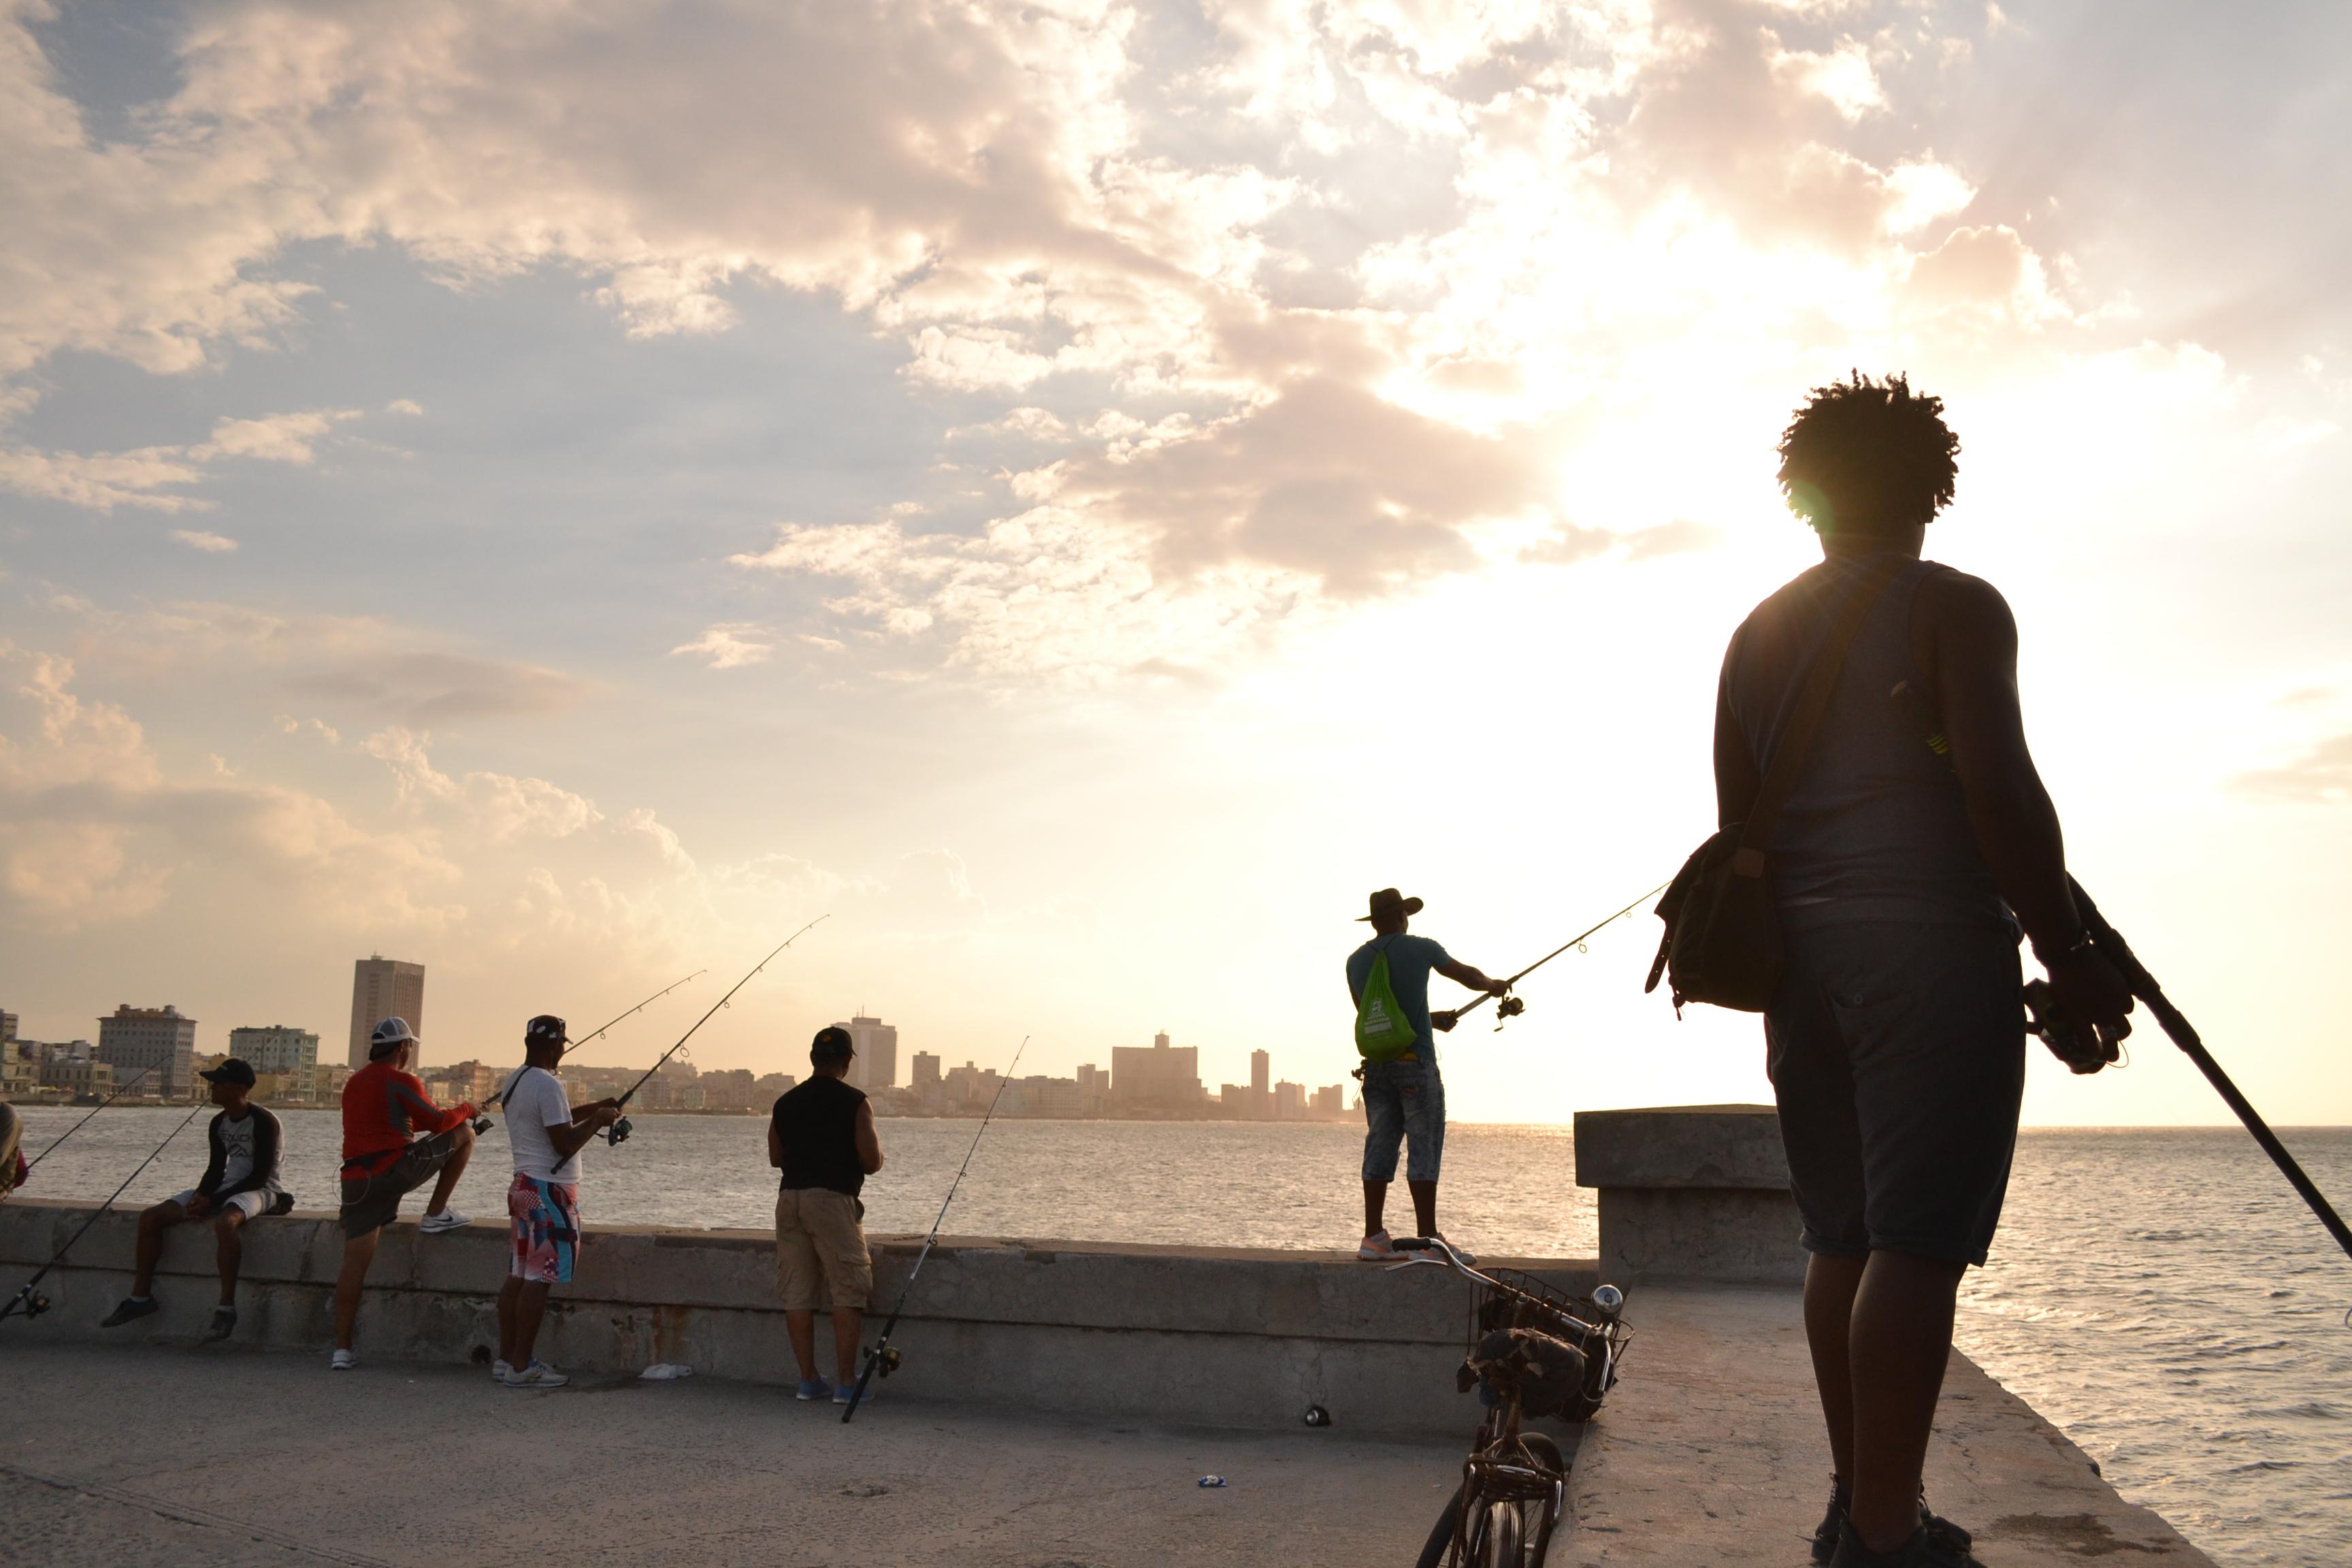 キューバ・ハバナの釣り人の写真